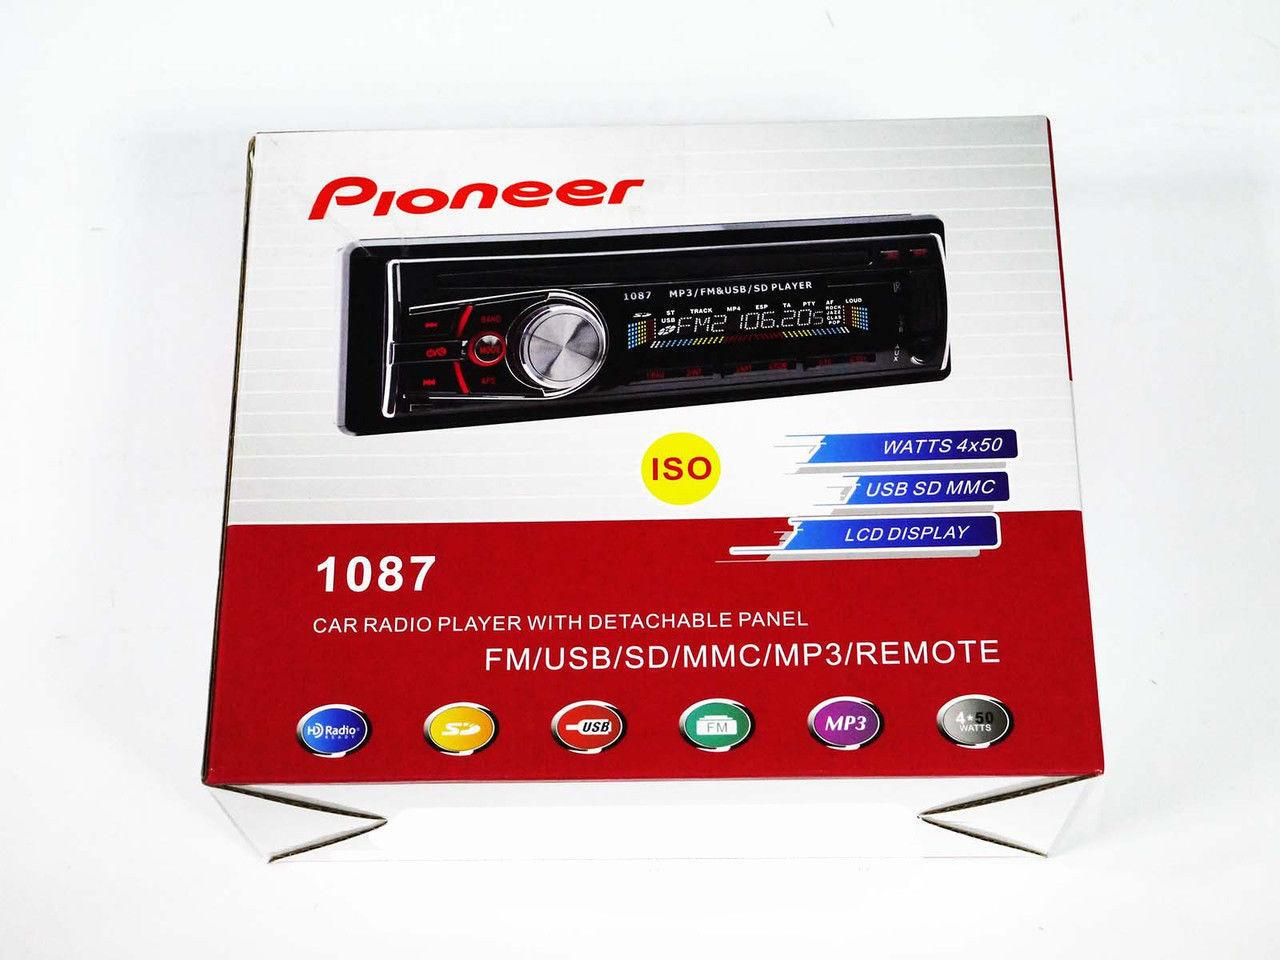 Автомагнитола pioneer 1087 usb mp3, акустика в машину